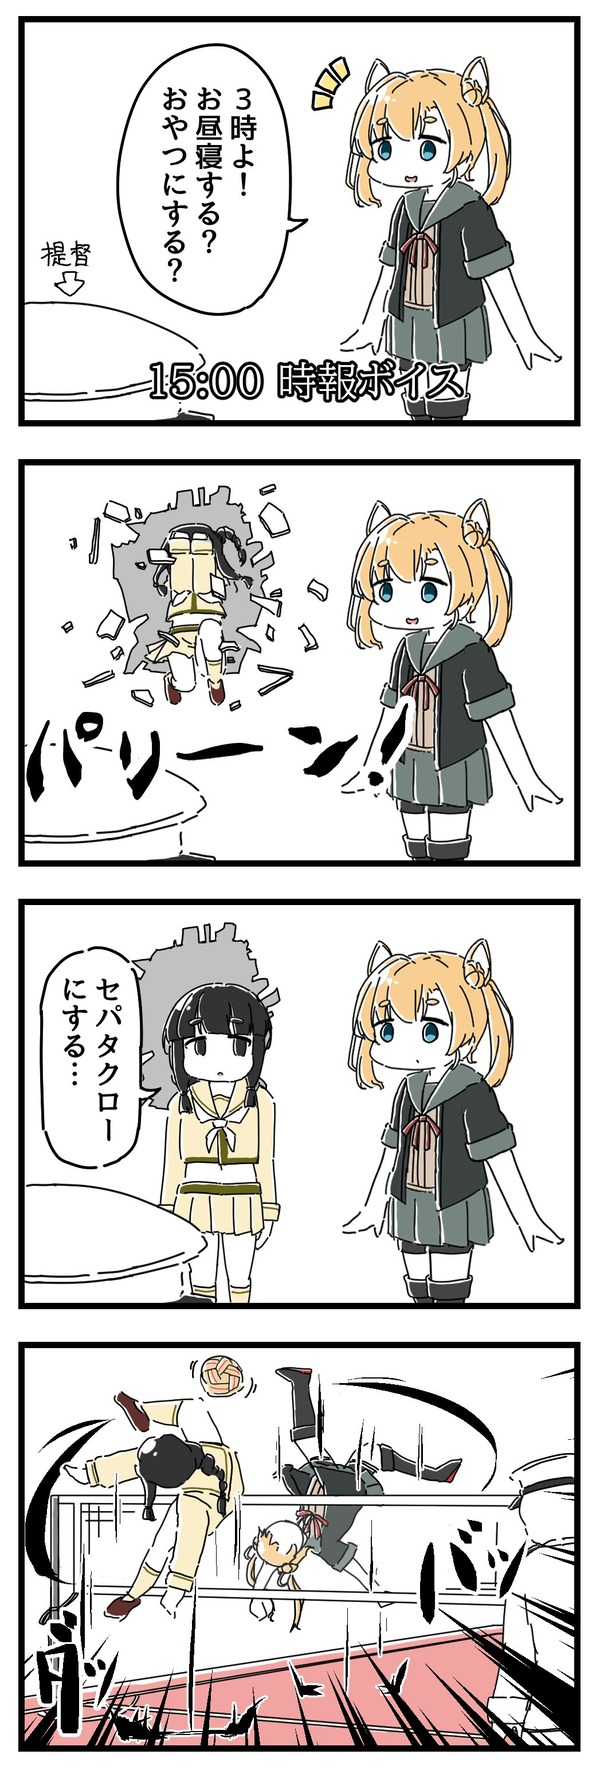 【艦これ】いじられ耐性がついた阿武隈 他なごみネタ